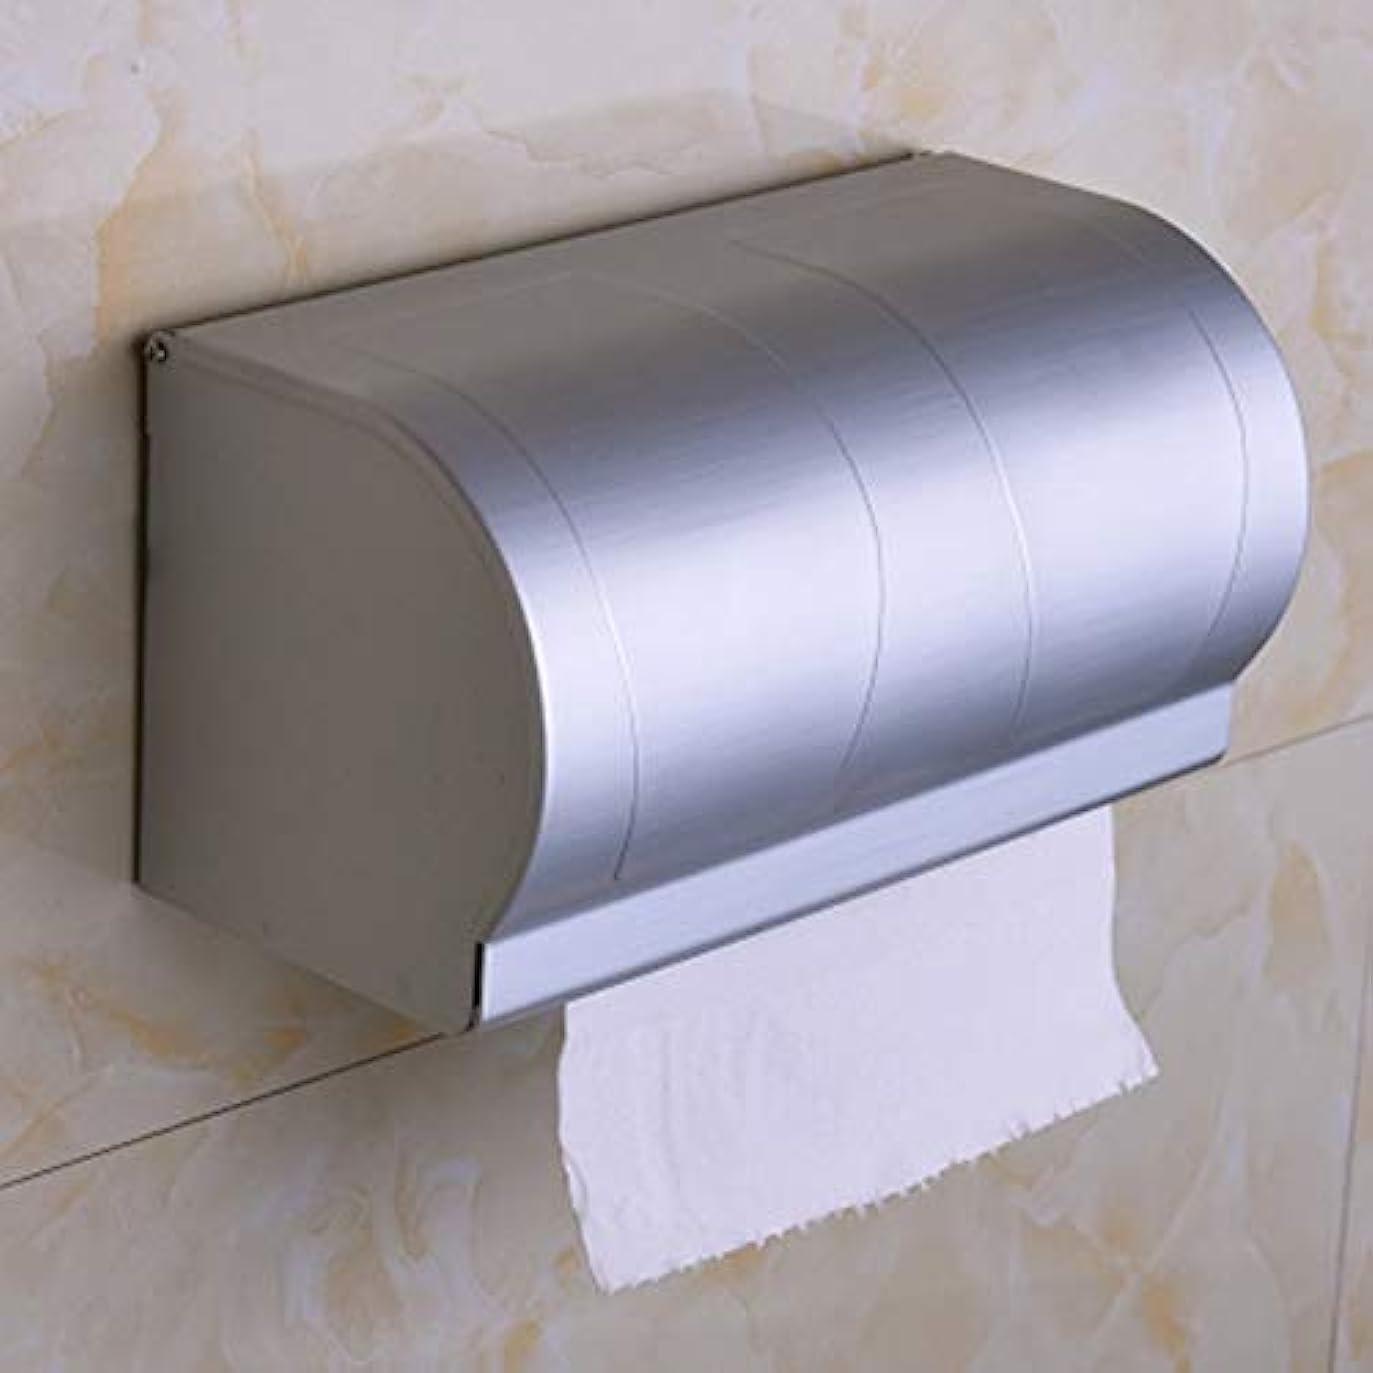 作動するとらえどころのない到着ZZLX 紙タオルホルダー、宇宙アルミのバスルームペーパータオルホルダー閉鎖トイレットペーパーホルダー ロングハンドル風呂ブラシ (色 : C)